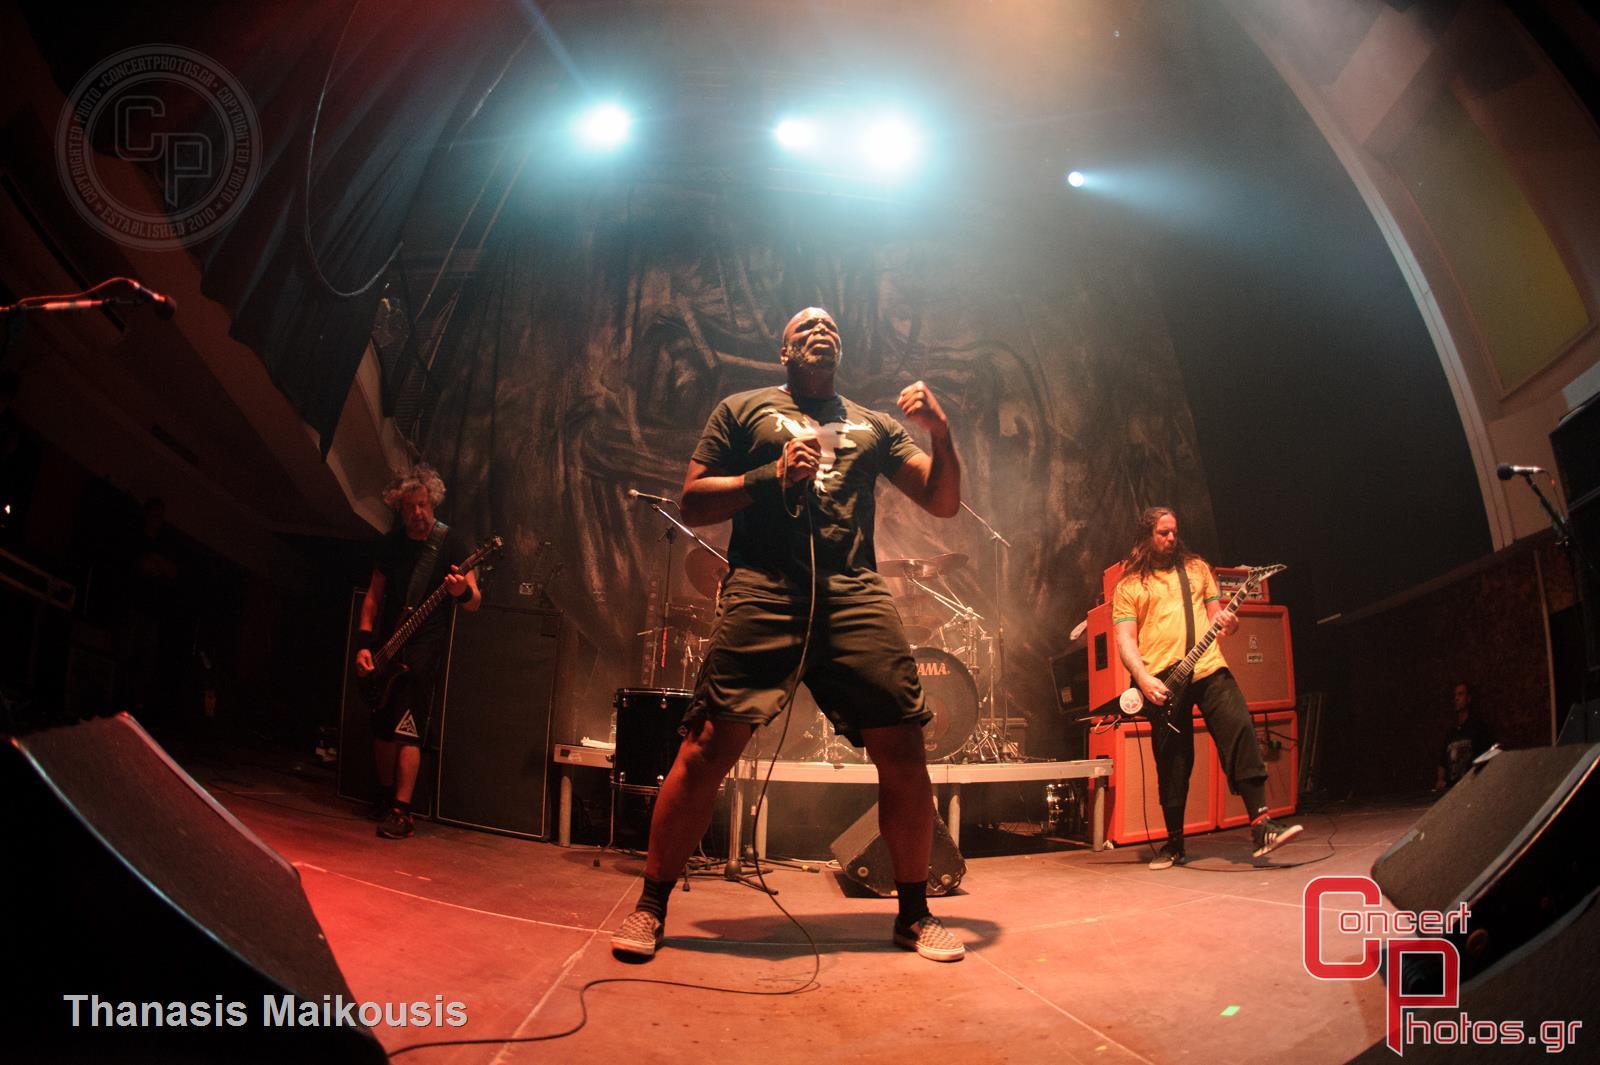 Sepultura-Sepultira photographer: Thanasis Maikousis - concertphotos_20140703_22_05_44